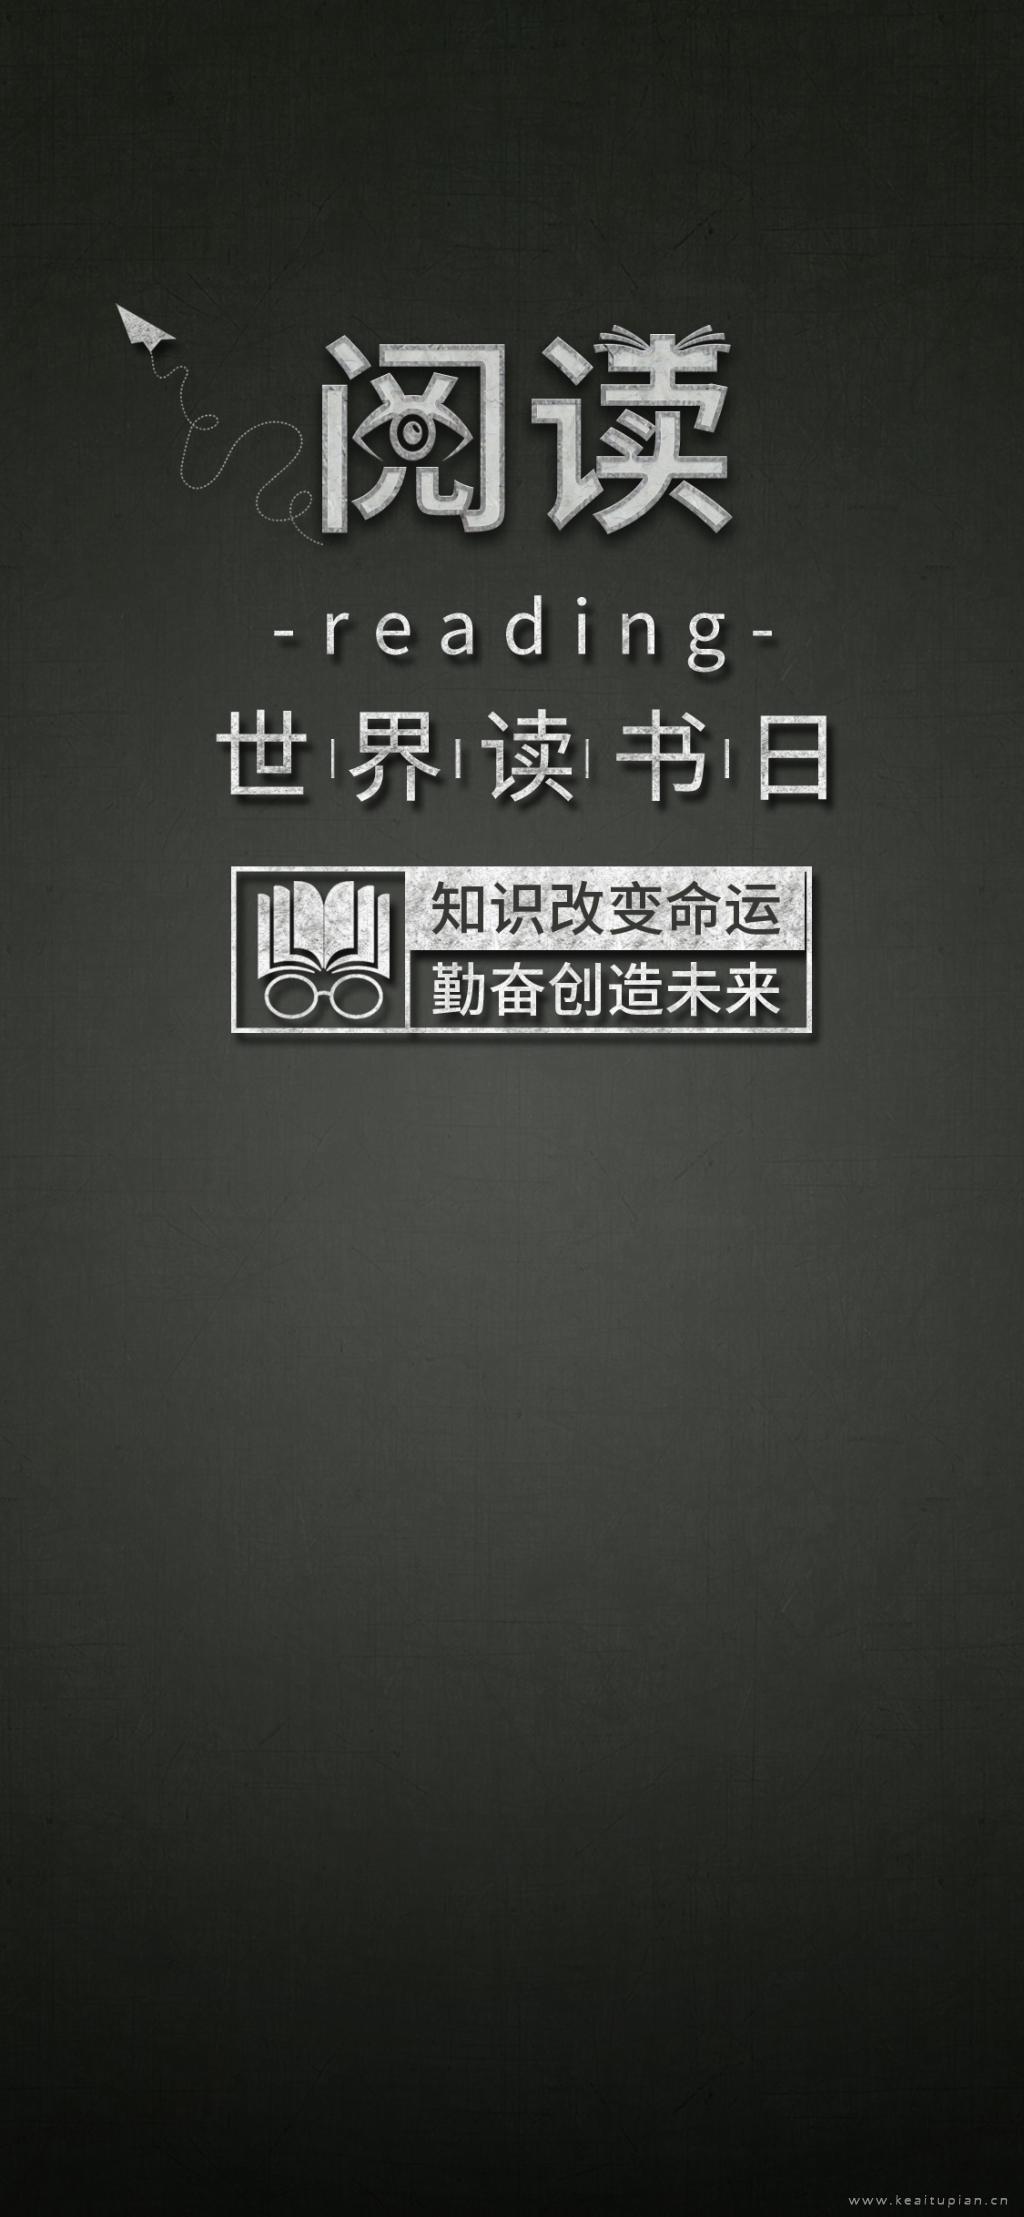 世界阅读日图片